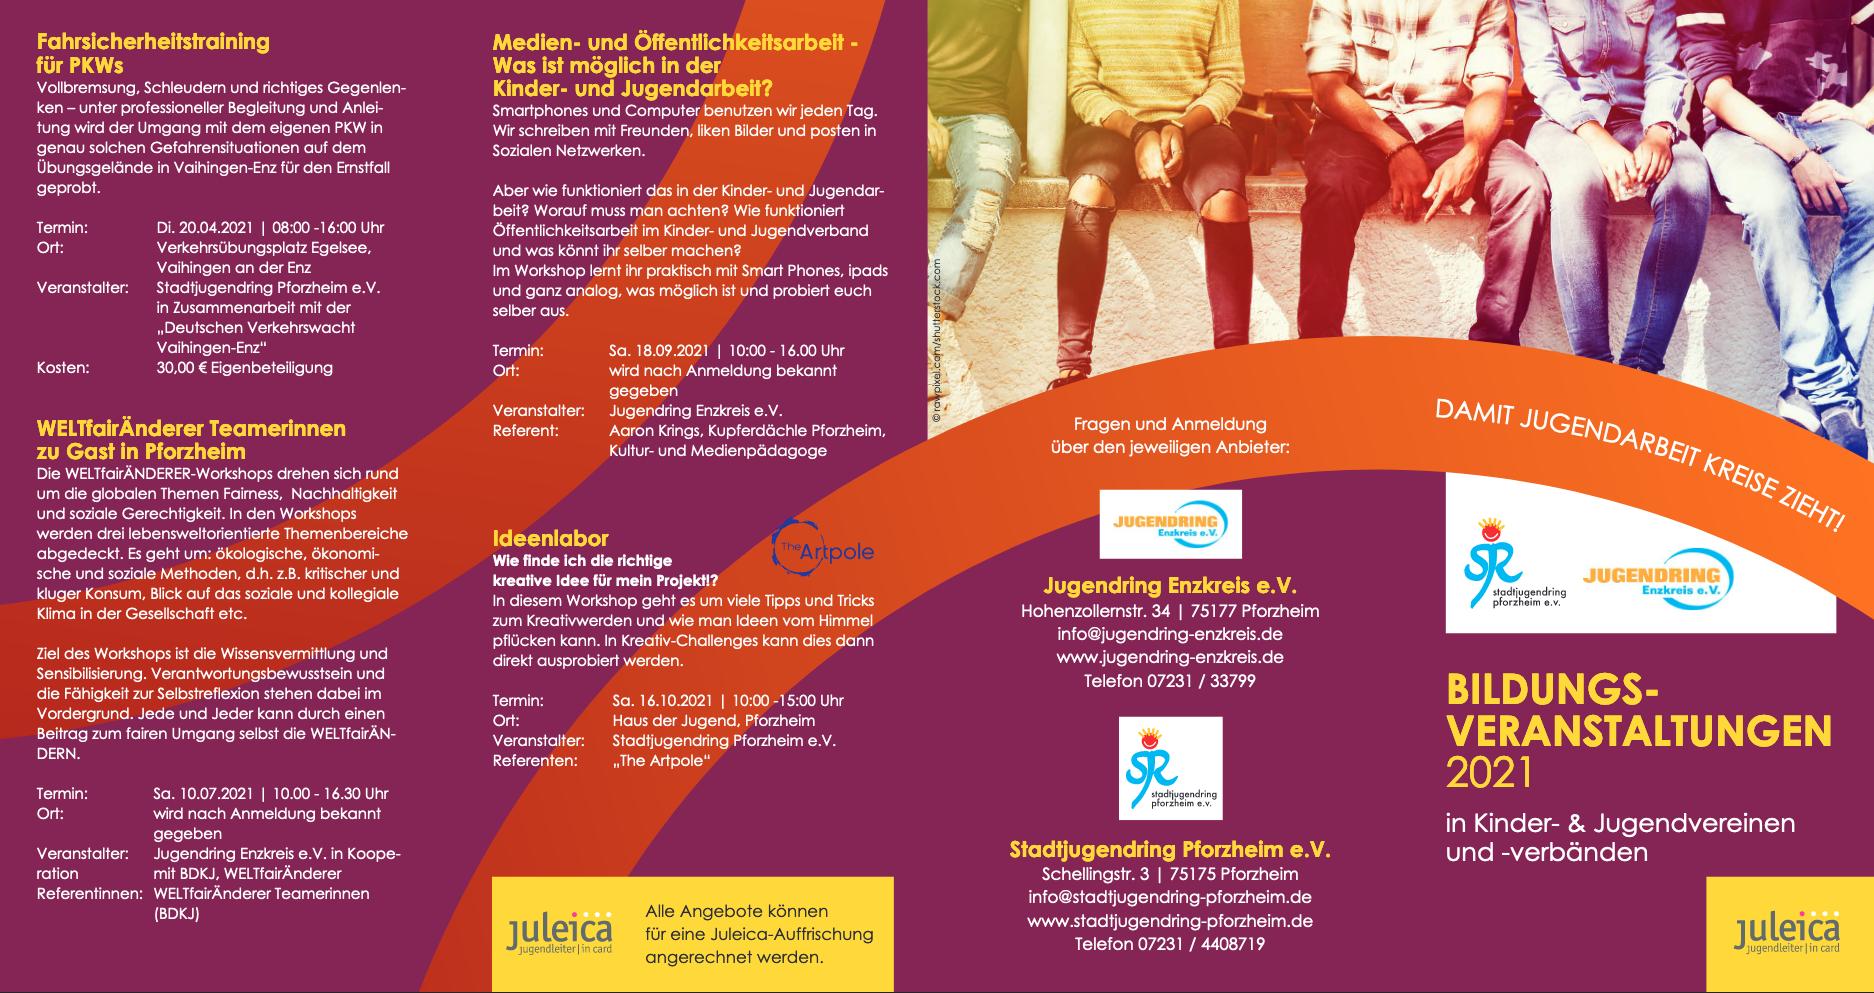 Jugendring Enzkreis - Flyer zur Bildungsreihe